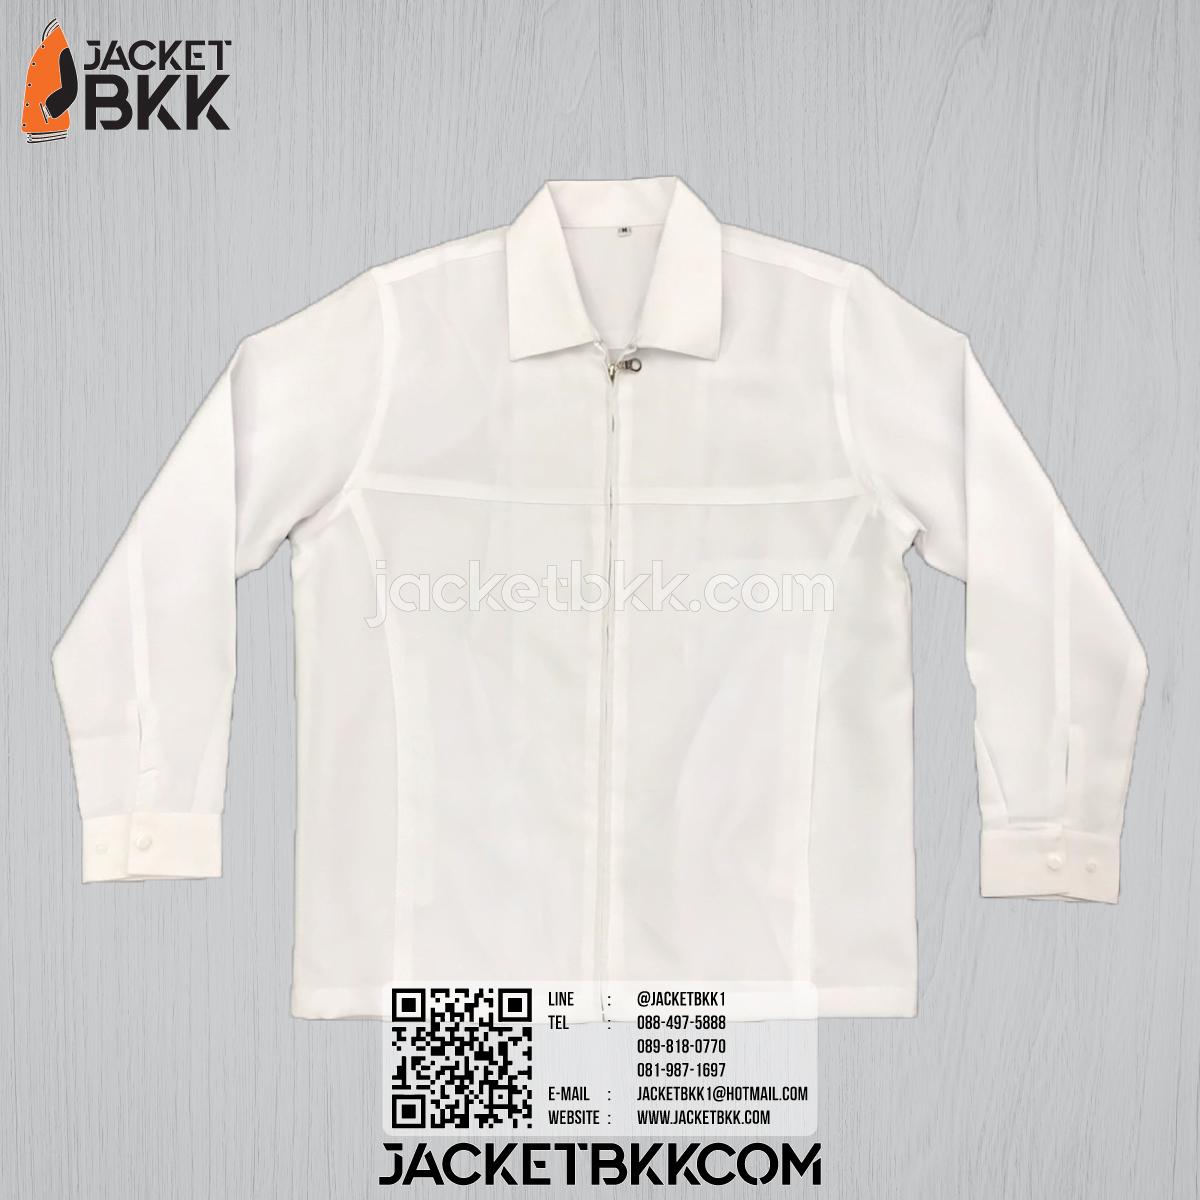 เสื้อแจ็คเก็ต ทรงกึ่งสูท แบบคอปกหรือคอเชิ้ต สีขาว